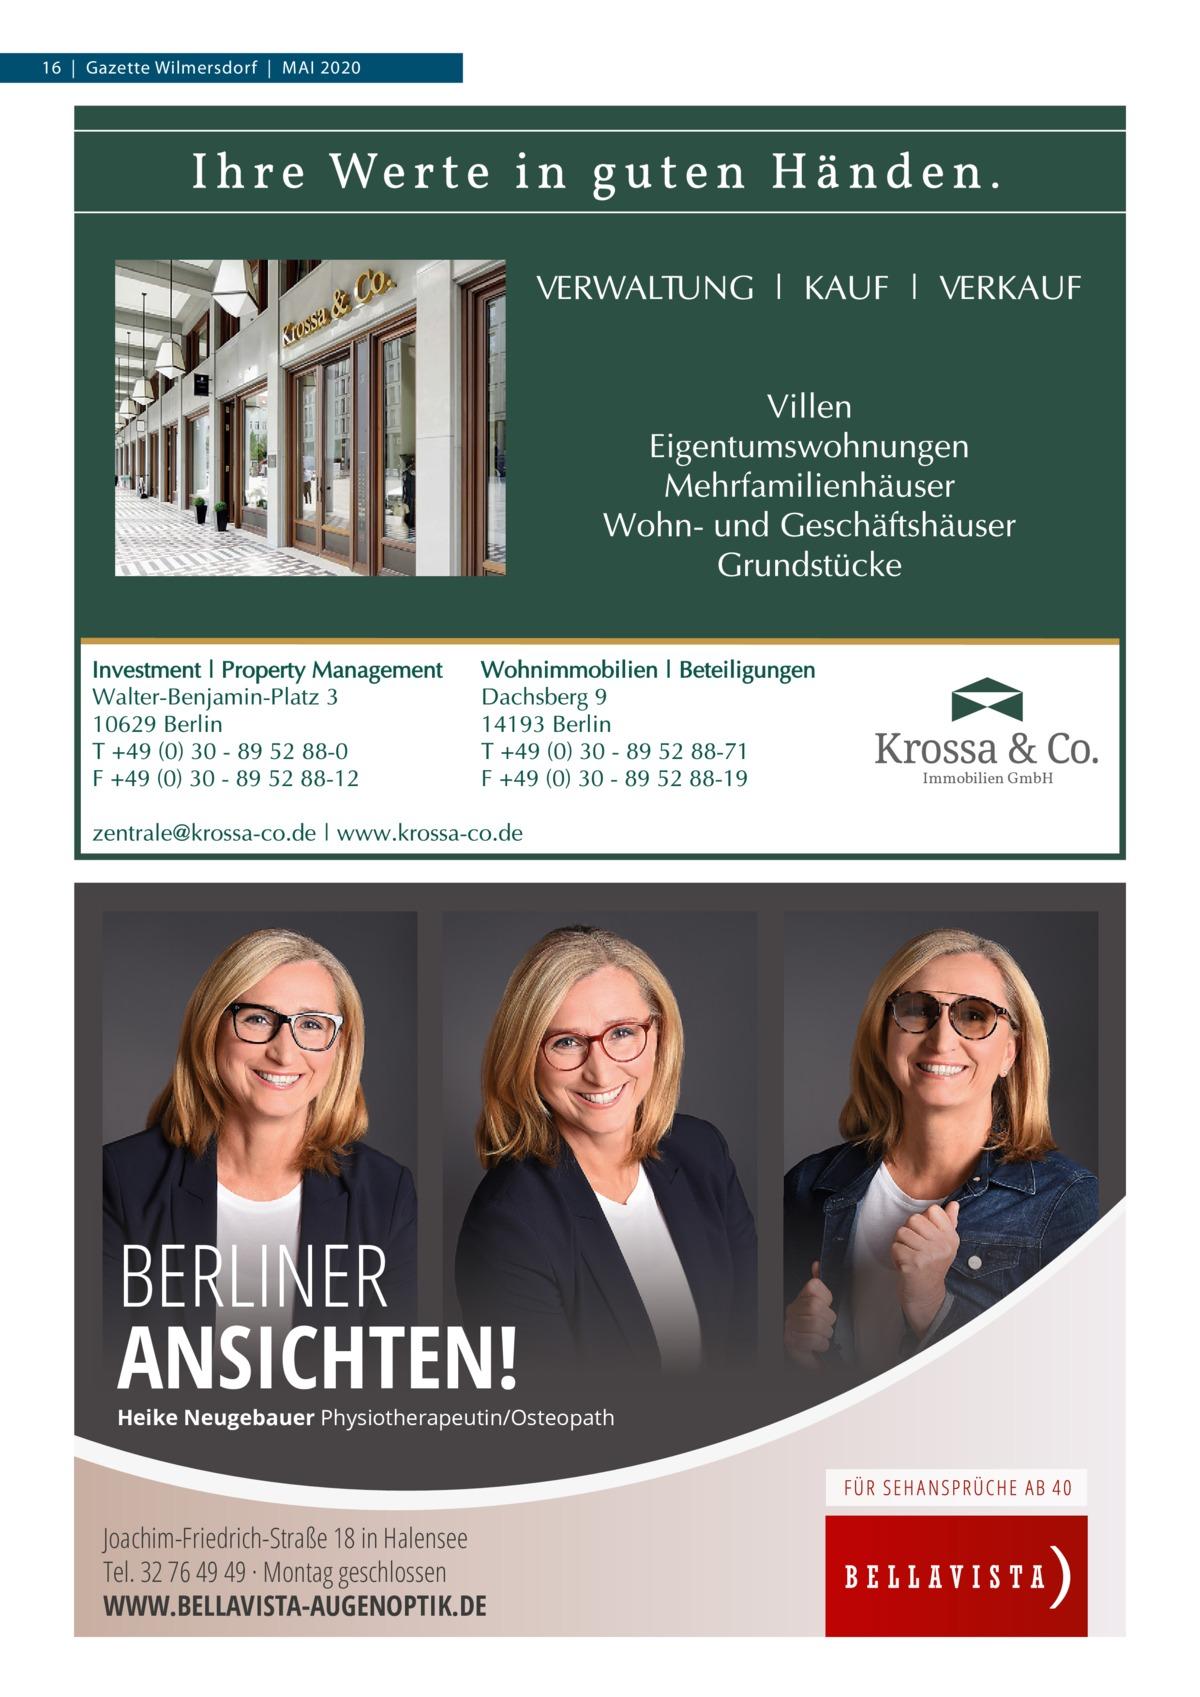 16 Gazette Wilmersdorf Mai 2020  Immobilien GmbH  BERLINER ANSICHTEN!  Heike Neugebauer Physiotherapeutin/Osteopath  Joachim-Friedrich-Straße 18 in Halensee Tel. 32 76 49 49 · Montag geschlossen WWW.BELLAVISTA-AUGENOPTIK.DE